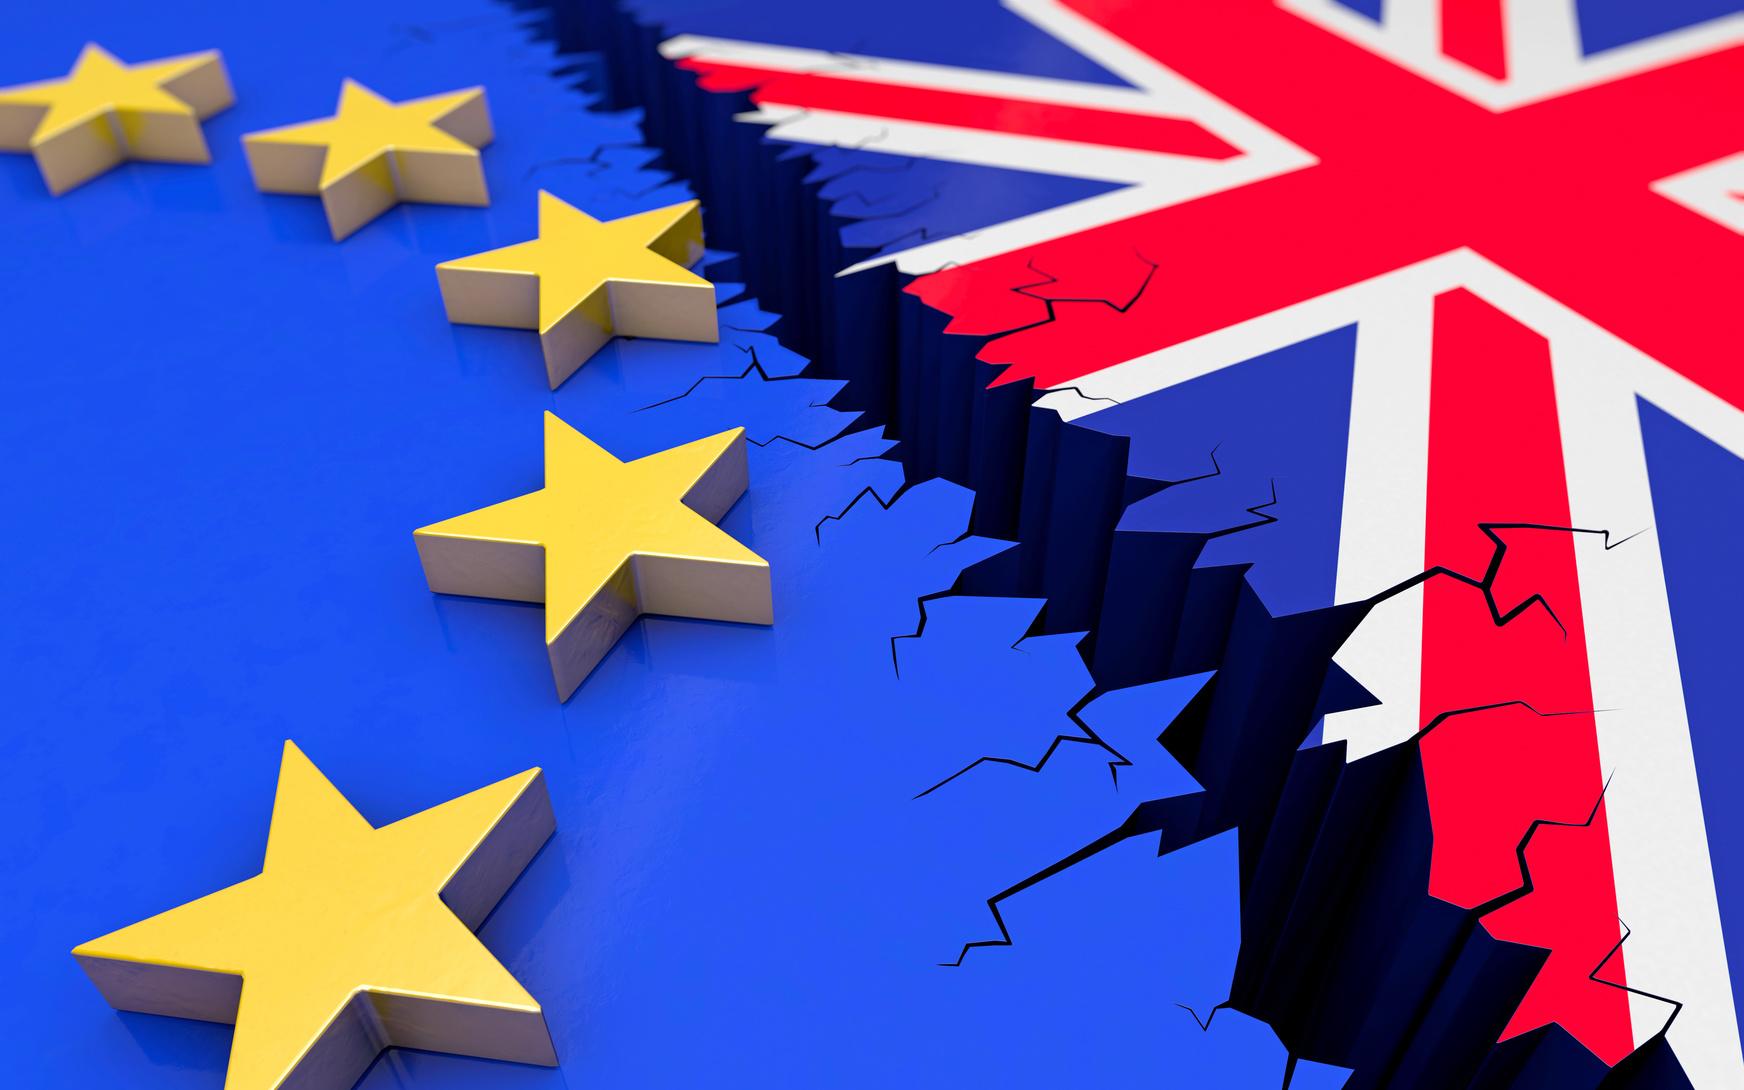 AB'den Tusk, Brexiteers'ı plan yapmadığı için çıkardı, 'cehennemdeki özel bir yeri hak ettiklerini' söyledi